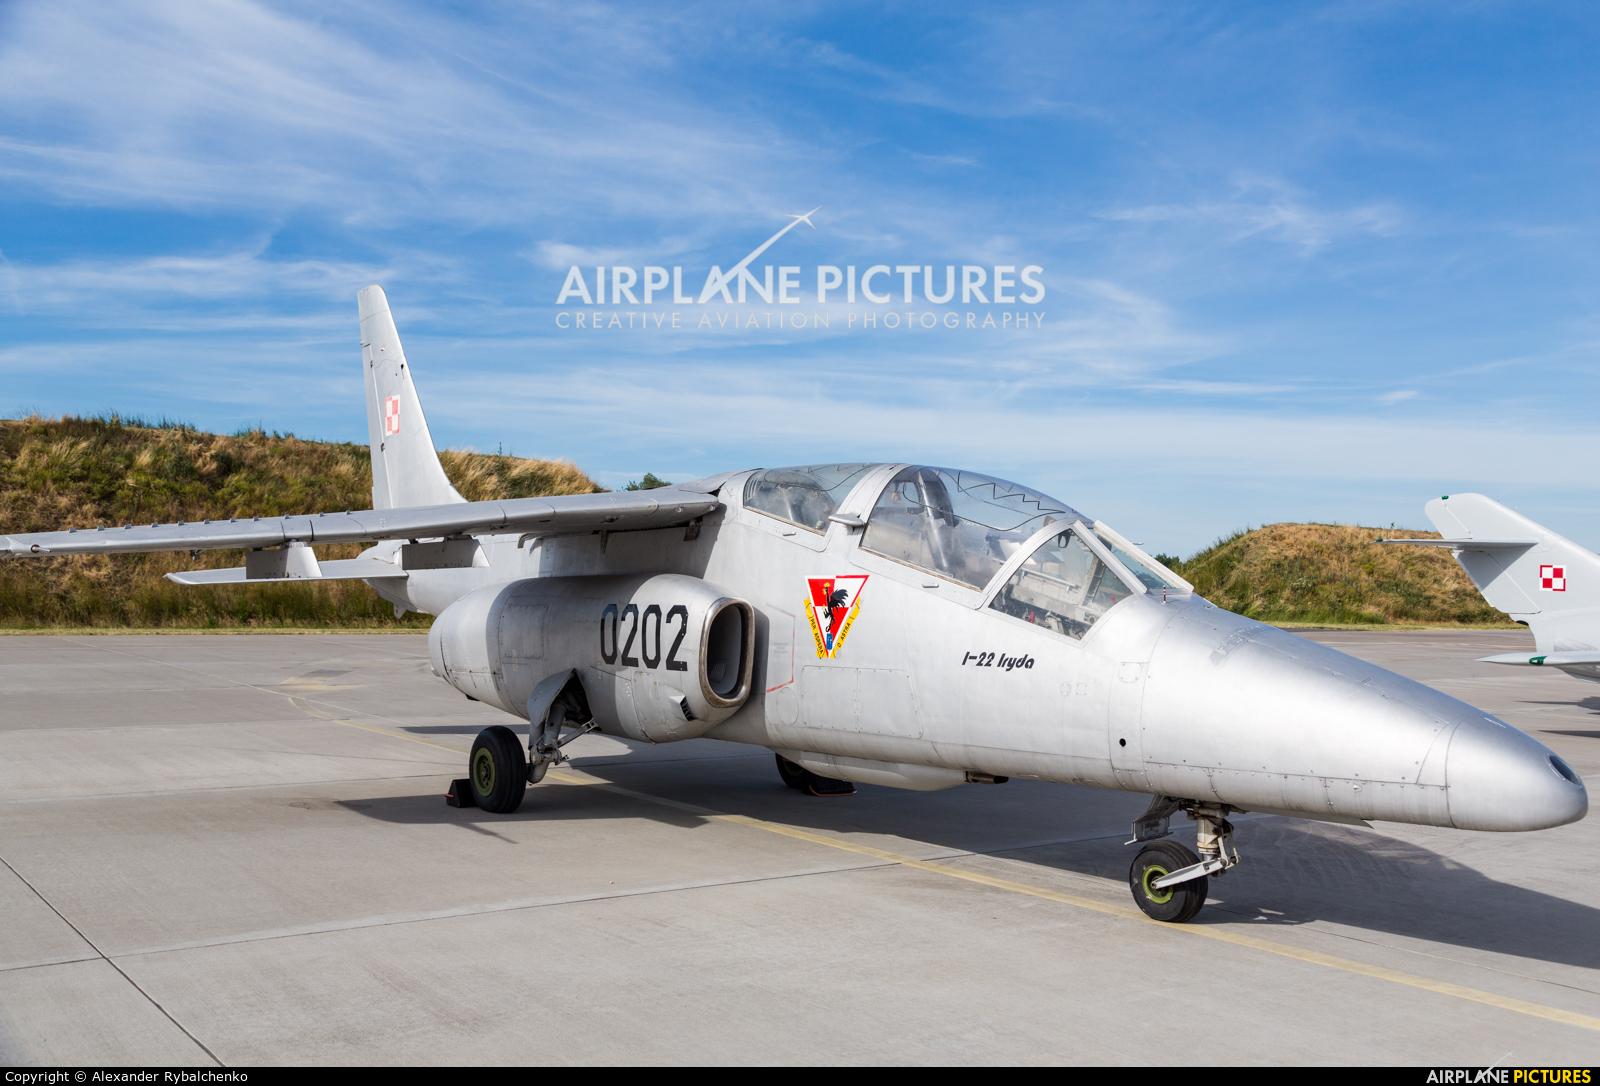 Poland - Air Force 0202 aircraft at Malbork